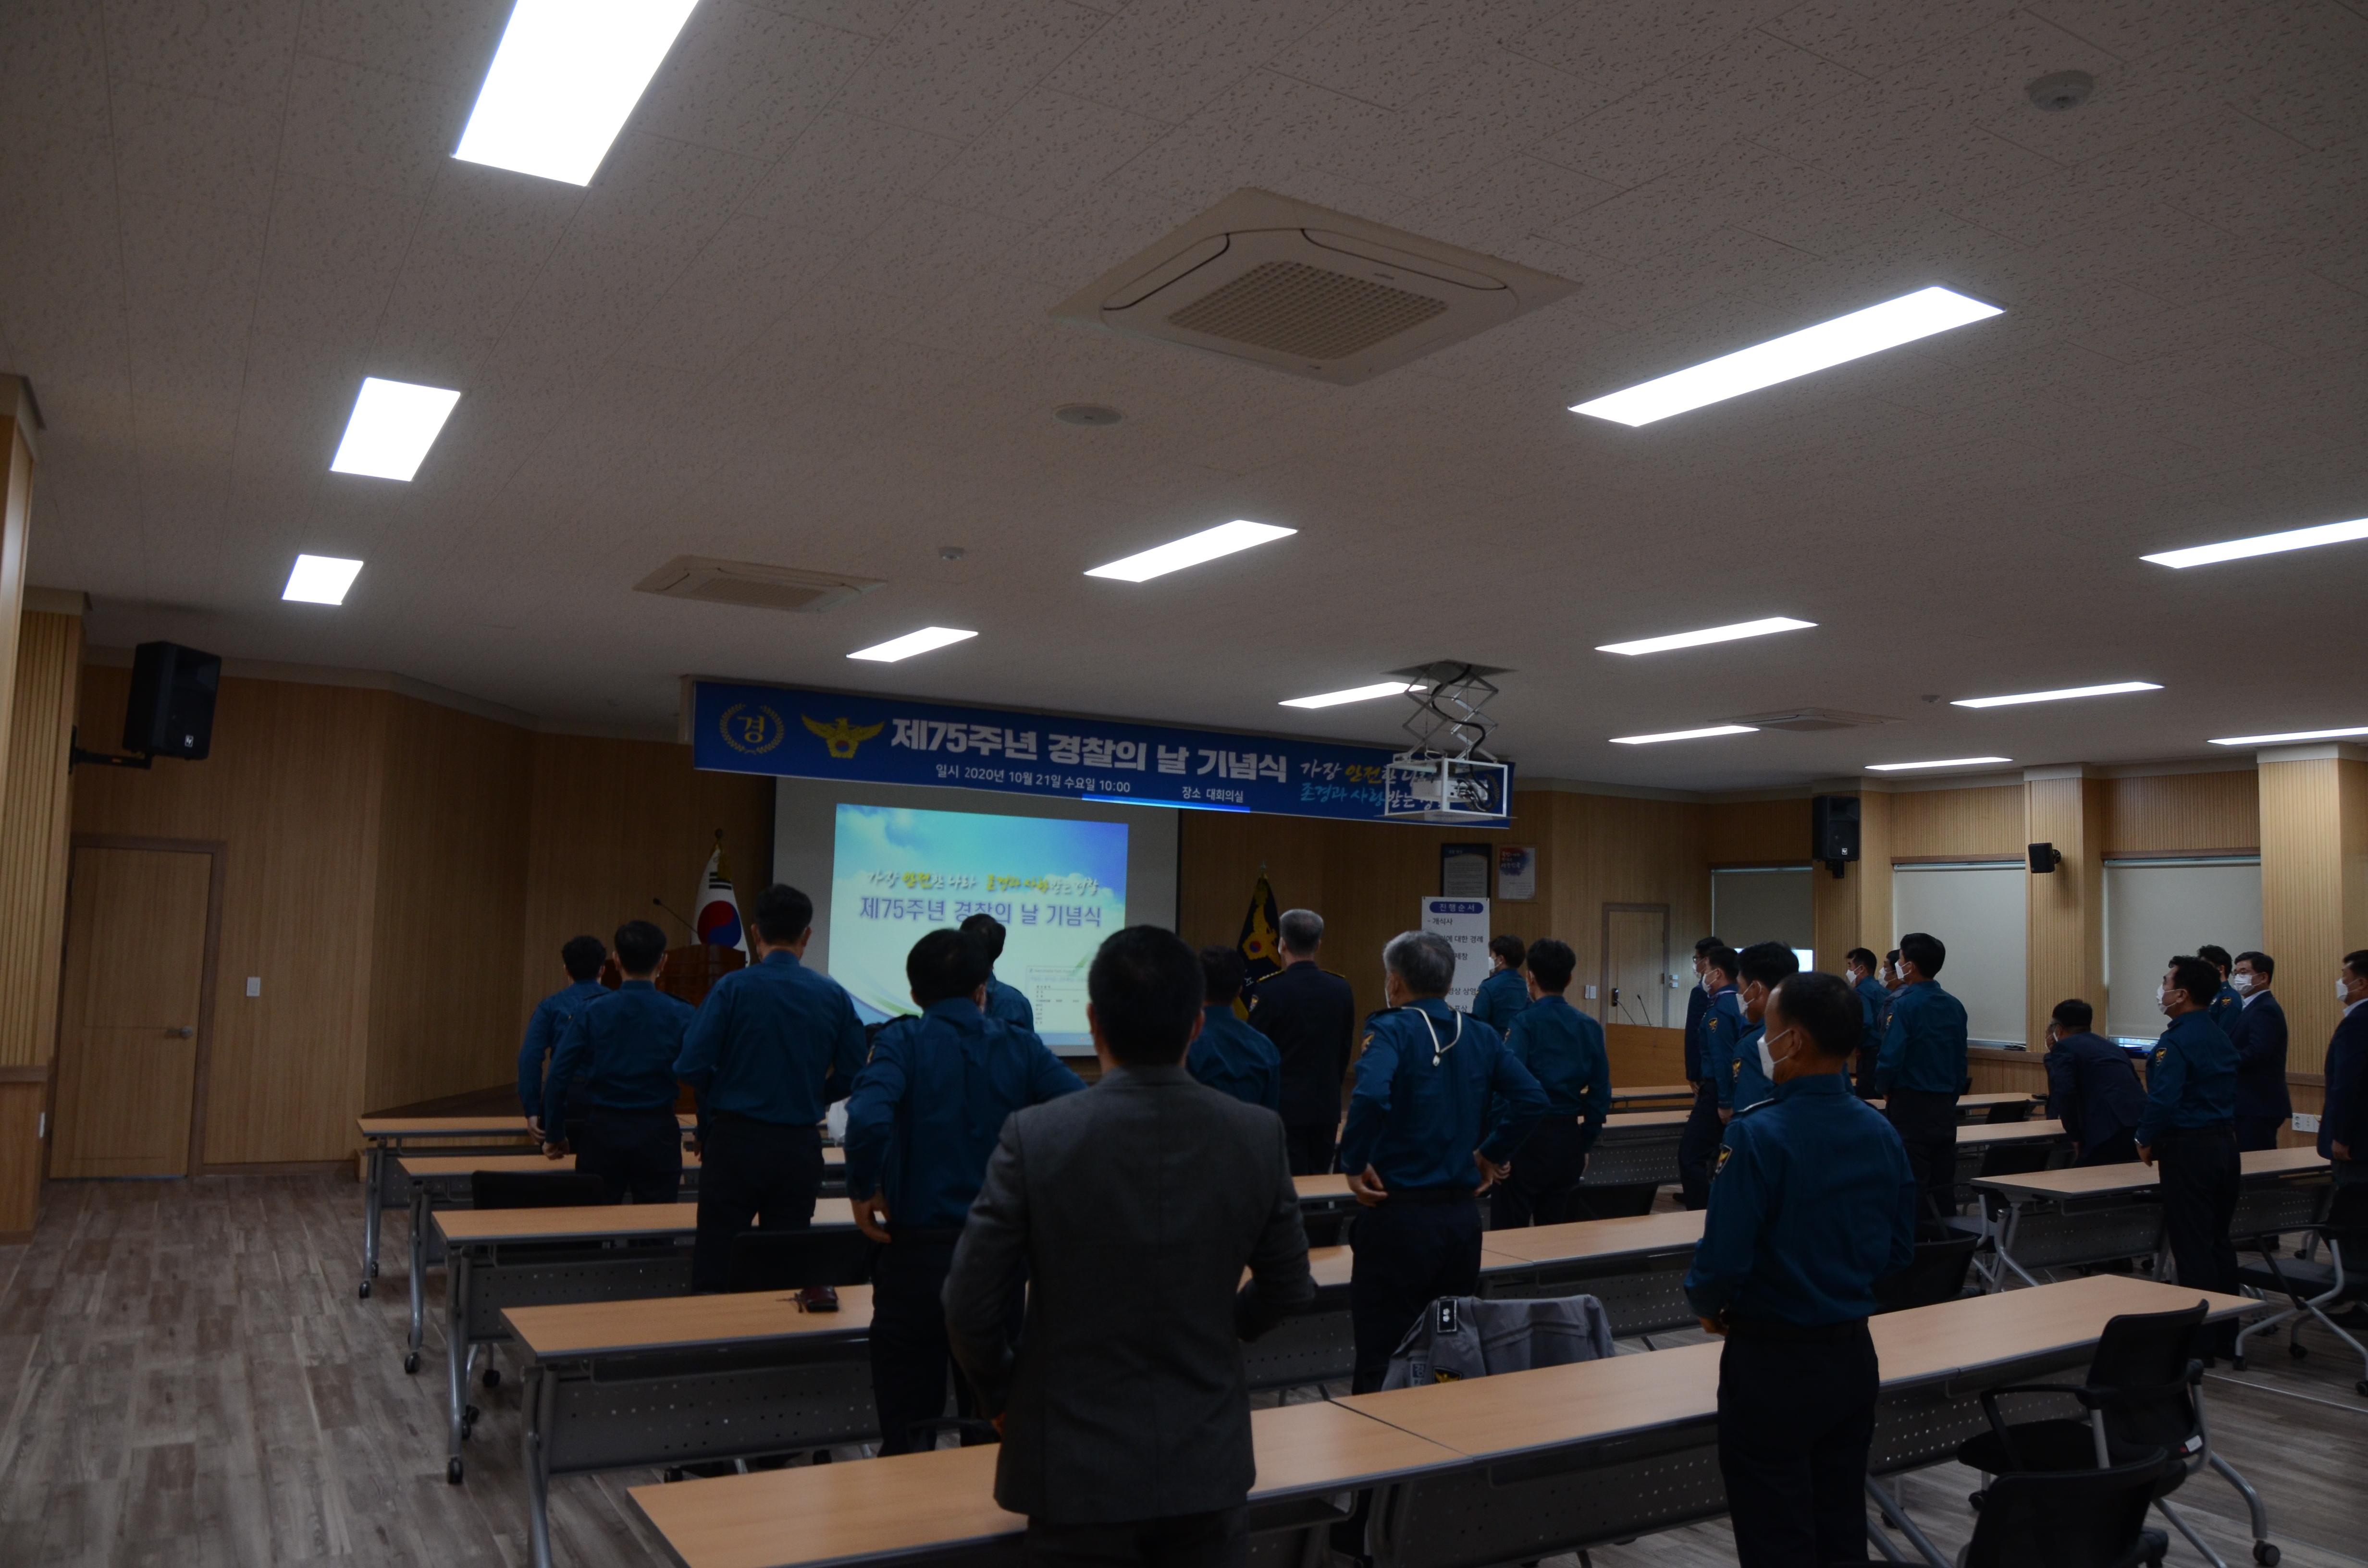 20.10.21 제75주년 경찰의날